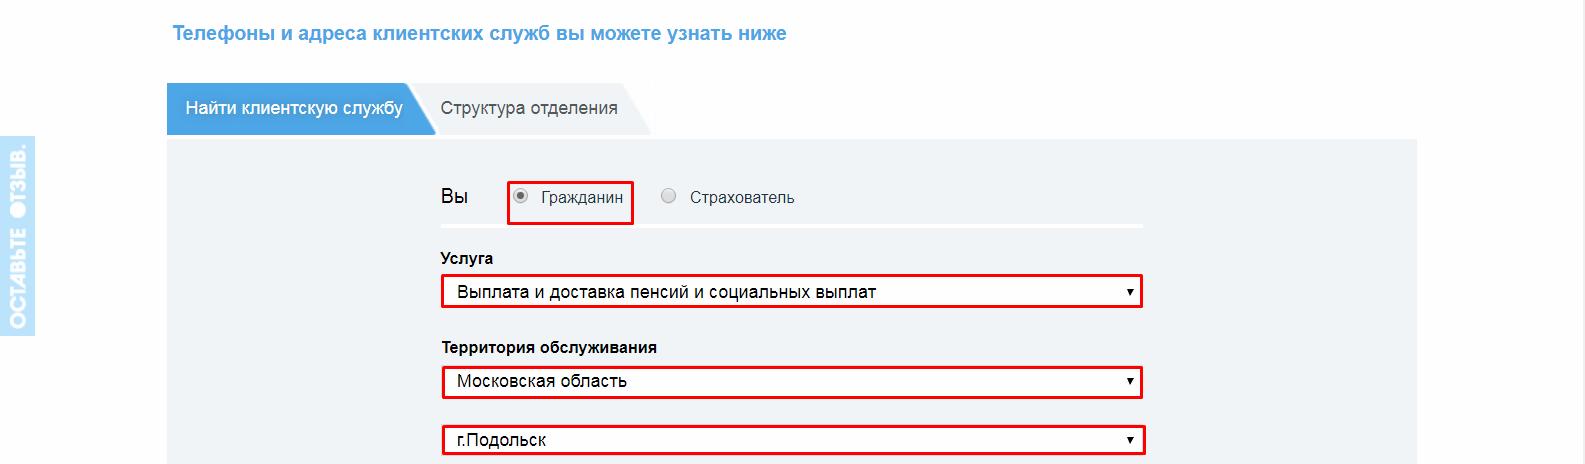 Пенсионный фонд Подольск